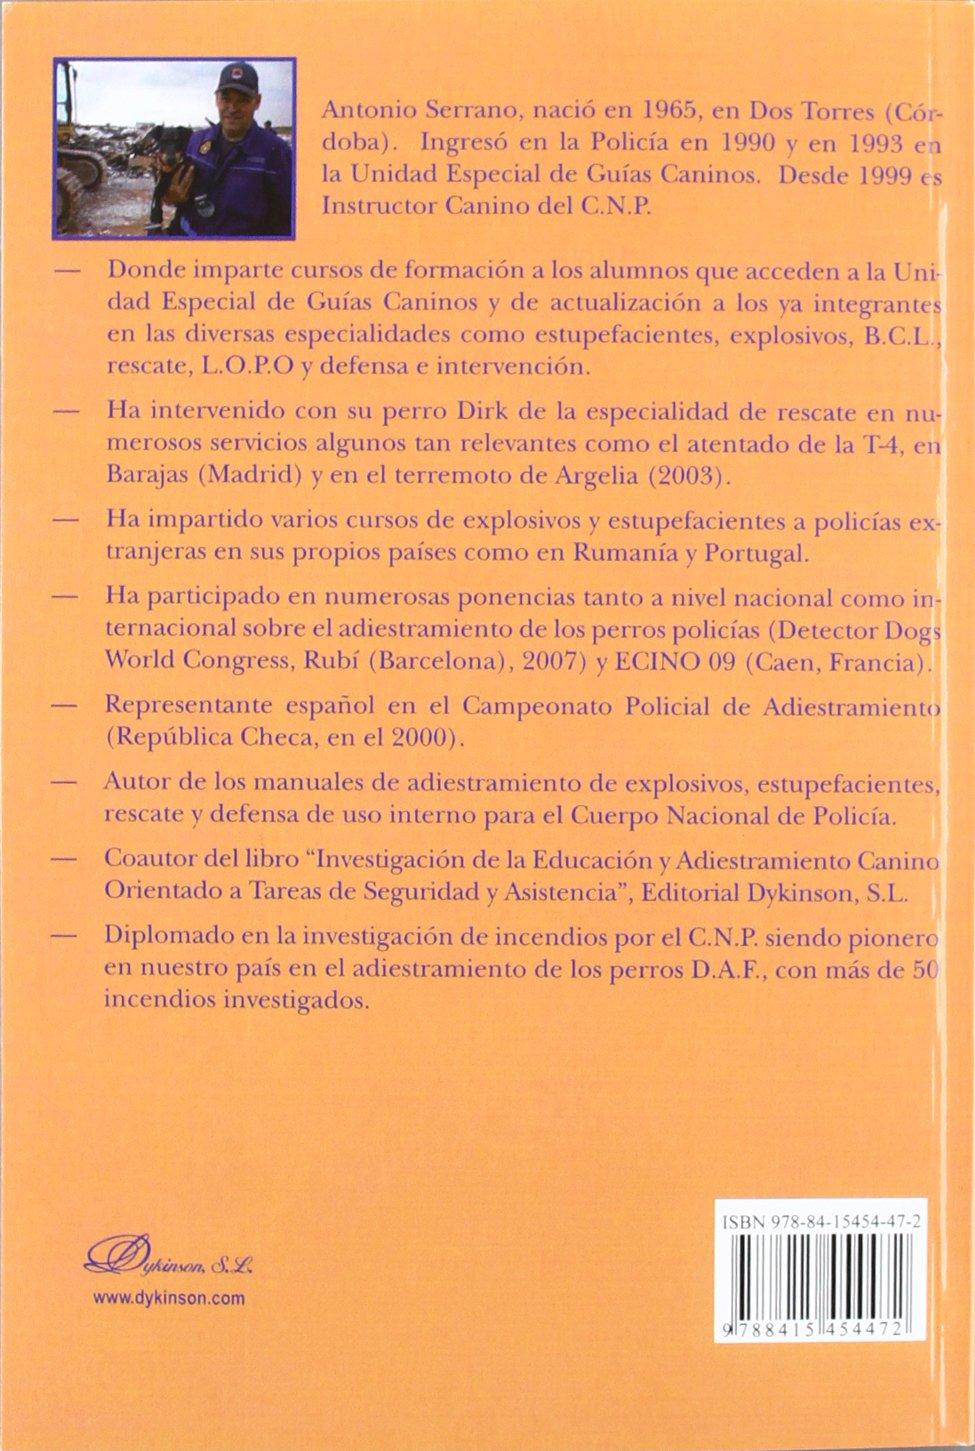 Investigacion de incendios con perros detectores de acelerantes del fuego / Fire investigation dogs detectors: D.a.f. (Spanish Edition): Antonio Serrano: ...